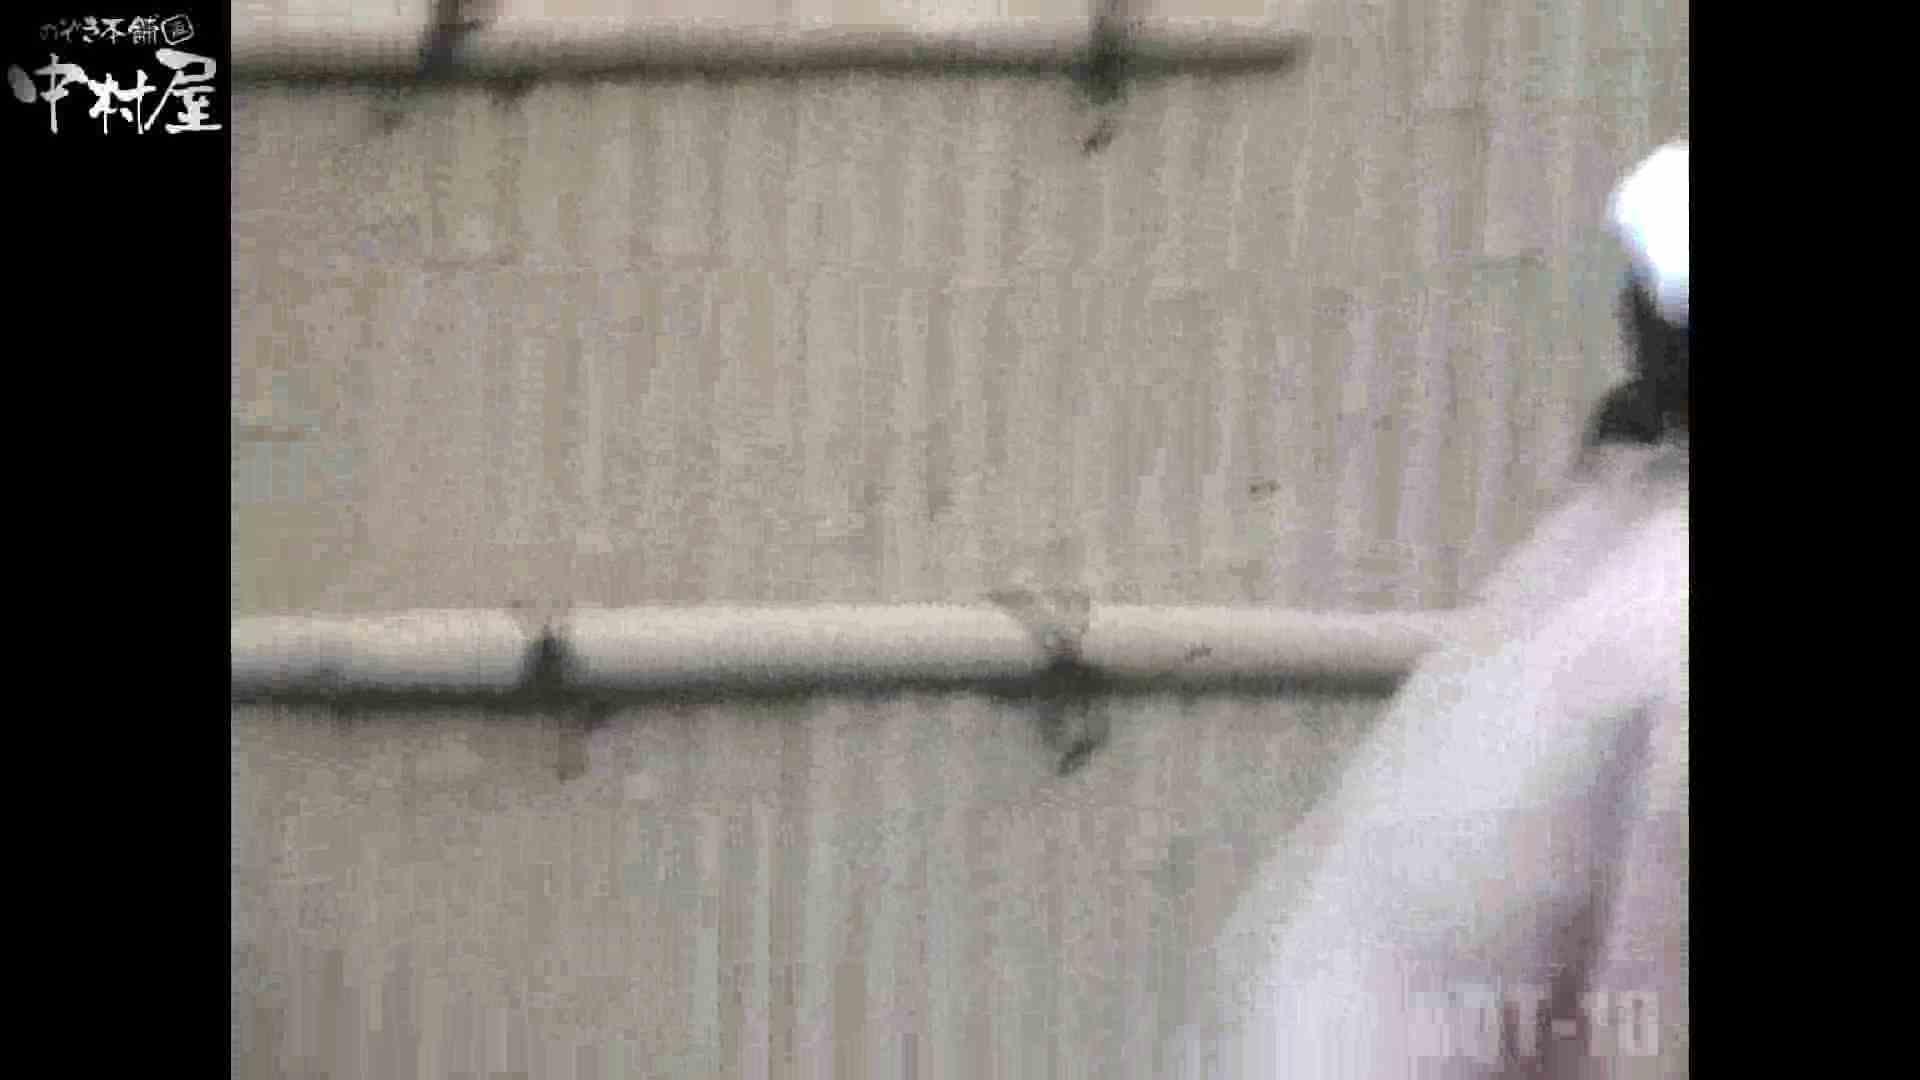 Aquaな露天風呂Vol.880潜入盗撮露天風呂十六判湯 其の六 OLすけべ画像 ワレメ動画紹介 47連発 46